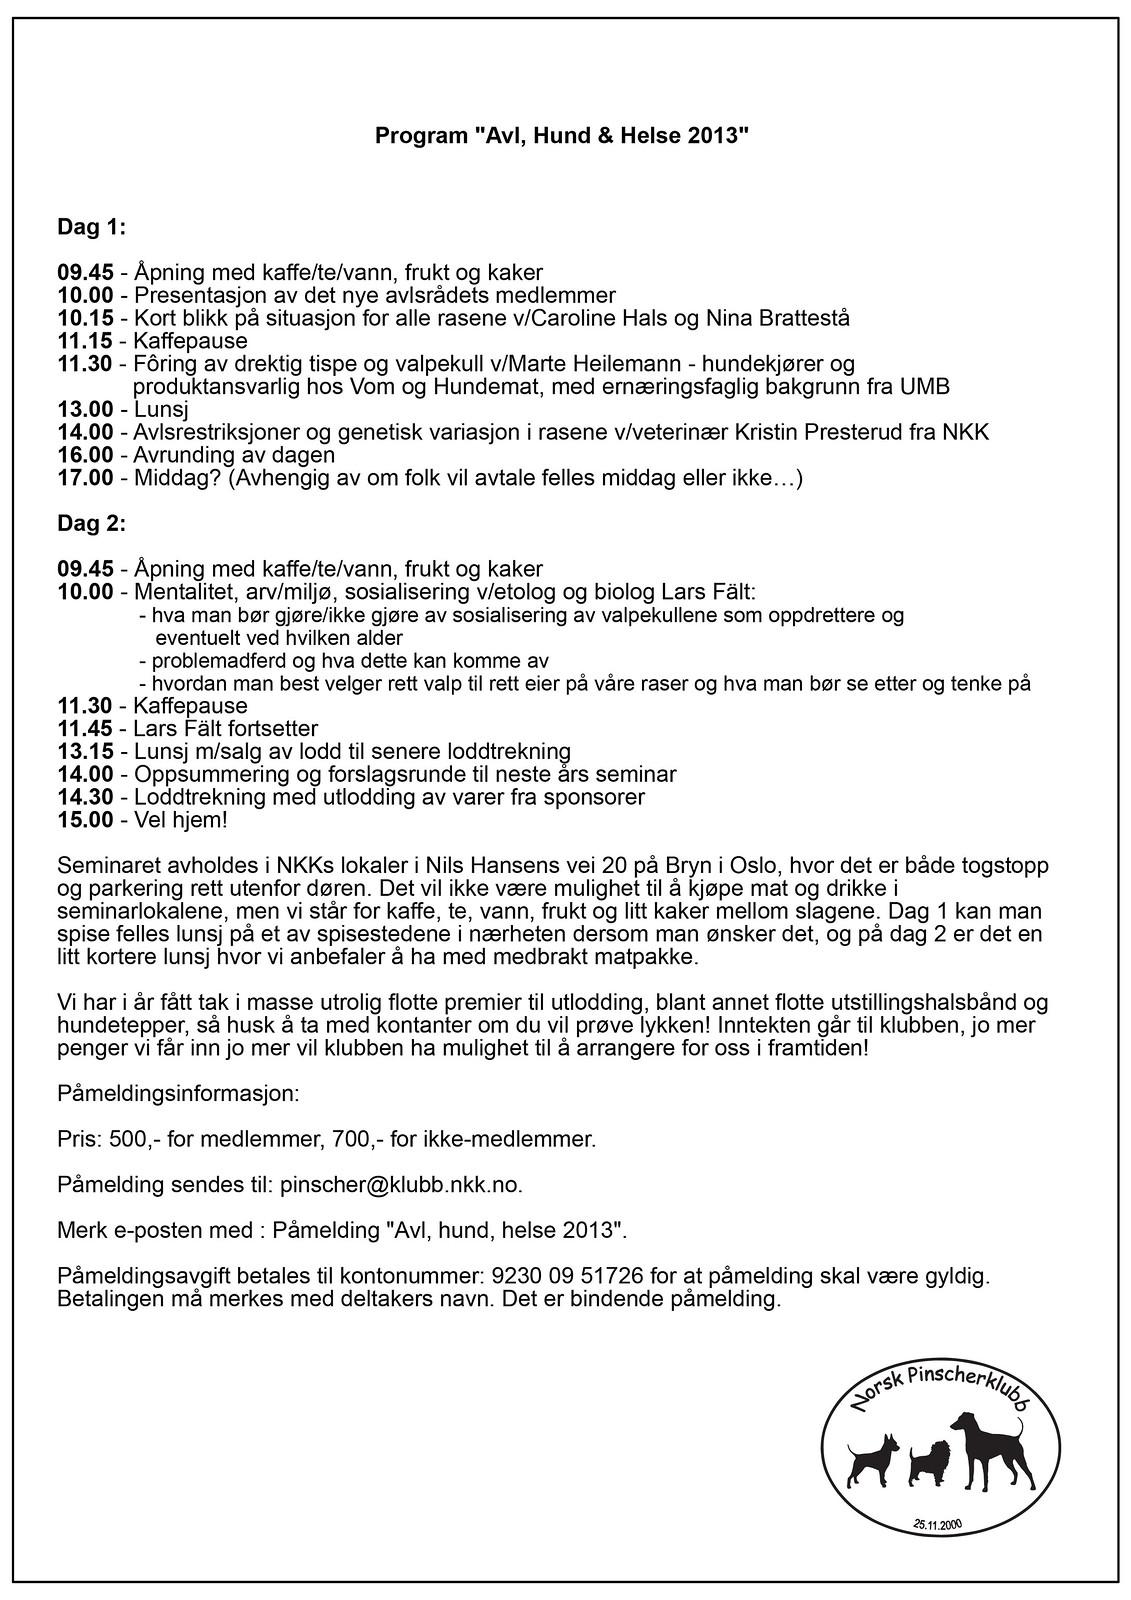 """Velkommen til NPK seminaret  """"Avl, hund, helse"""" 13. og 14.april 2013 8508605158_f0a797dbdb_h"""